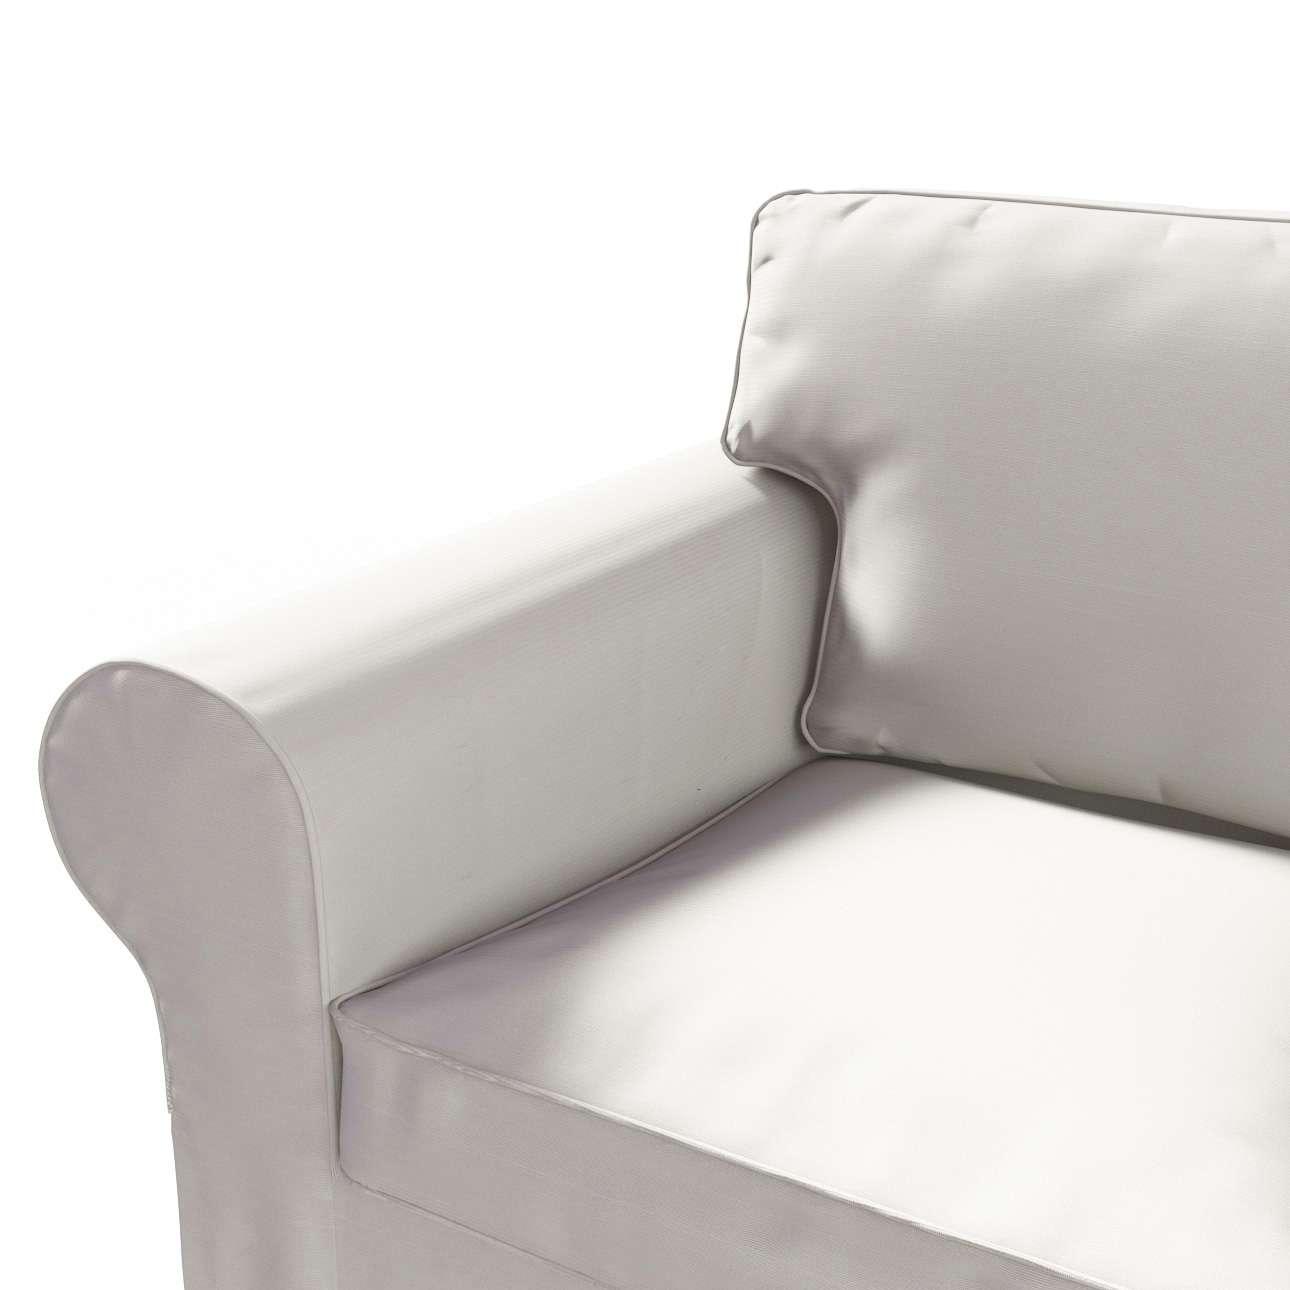 Potah na pohovku IKEA Ektorp 2-místná rozkládací  NOVÝ MODEL 2012 Ektorp 2012 v kolekci Cotton Panama, látka: 702-31